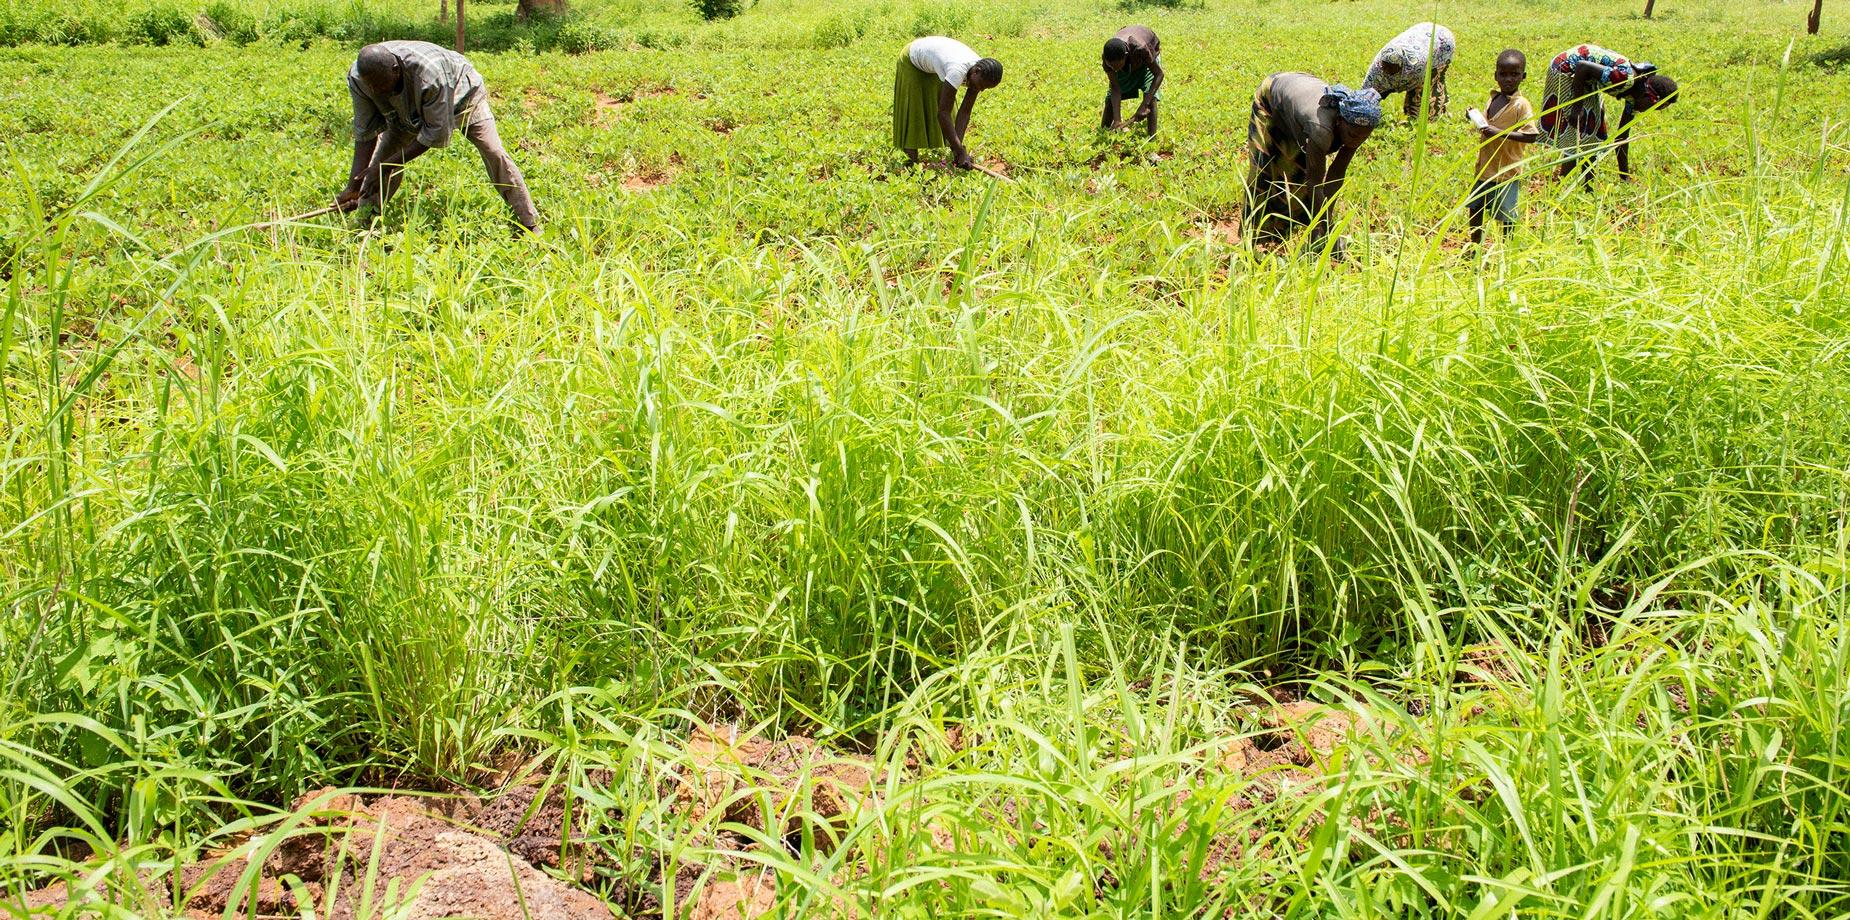 Bauern nutzen die Hilfe zur Selbsthilfe mit viel Einsatz.